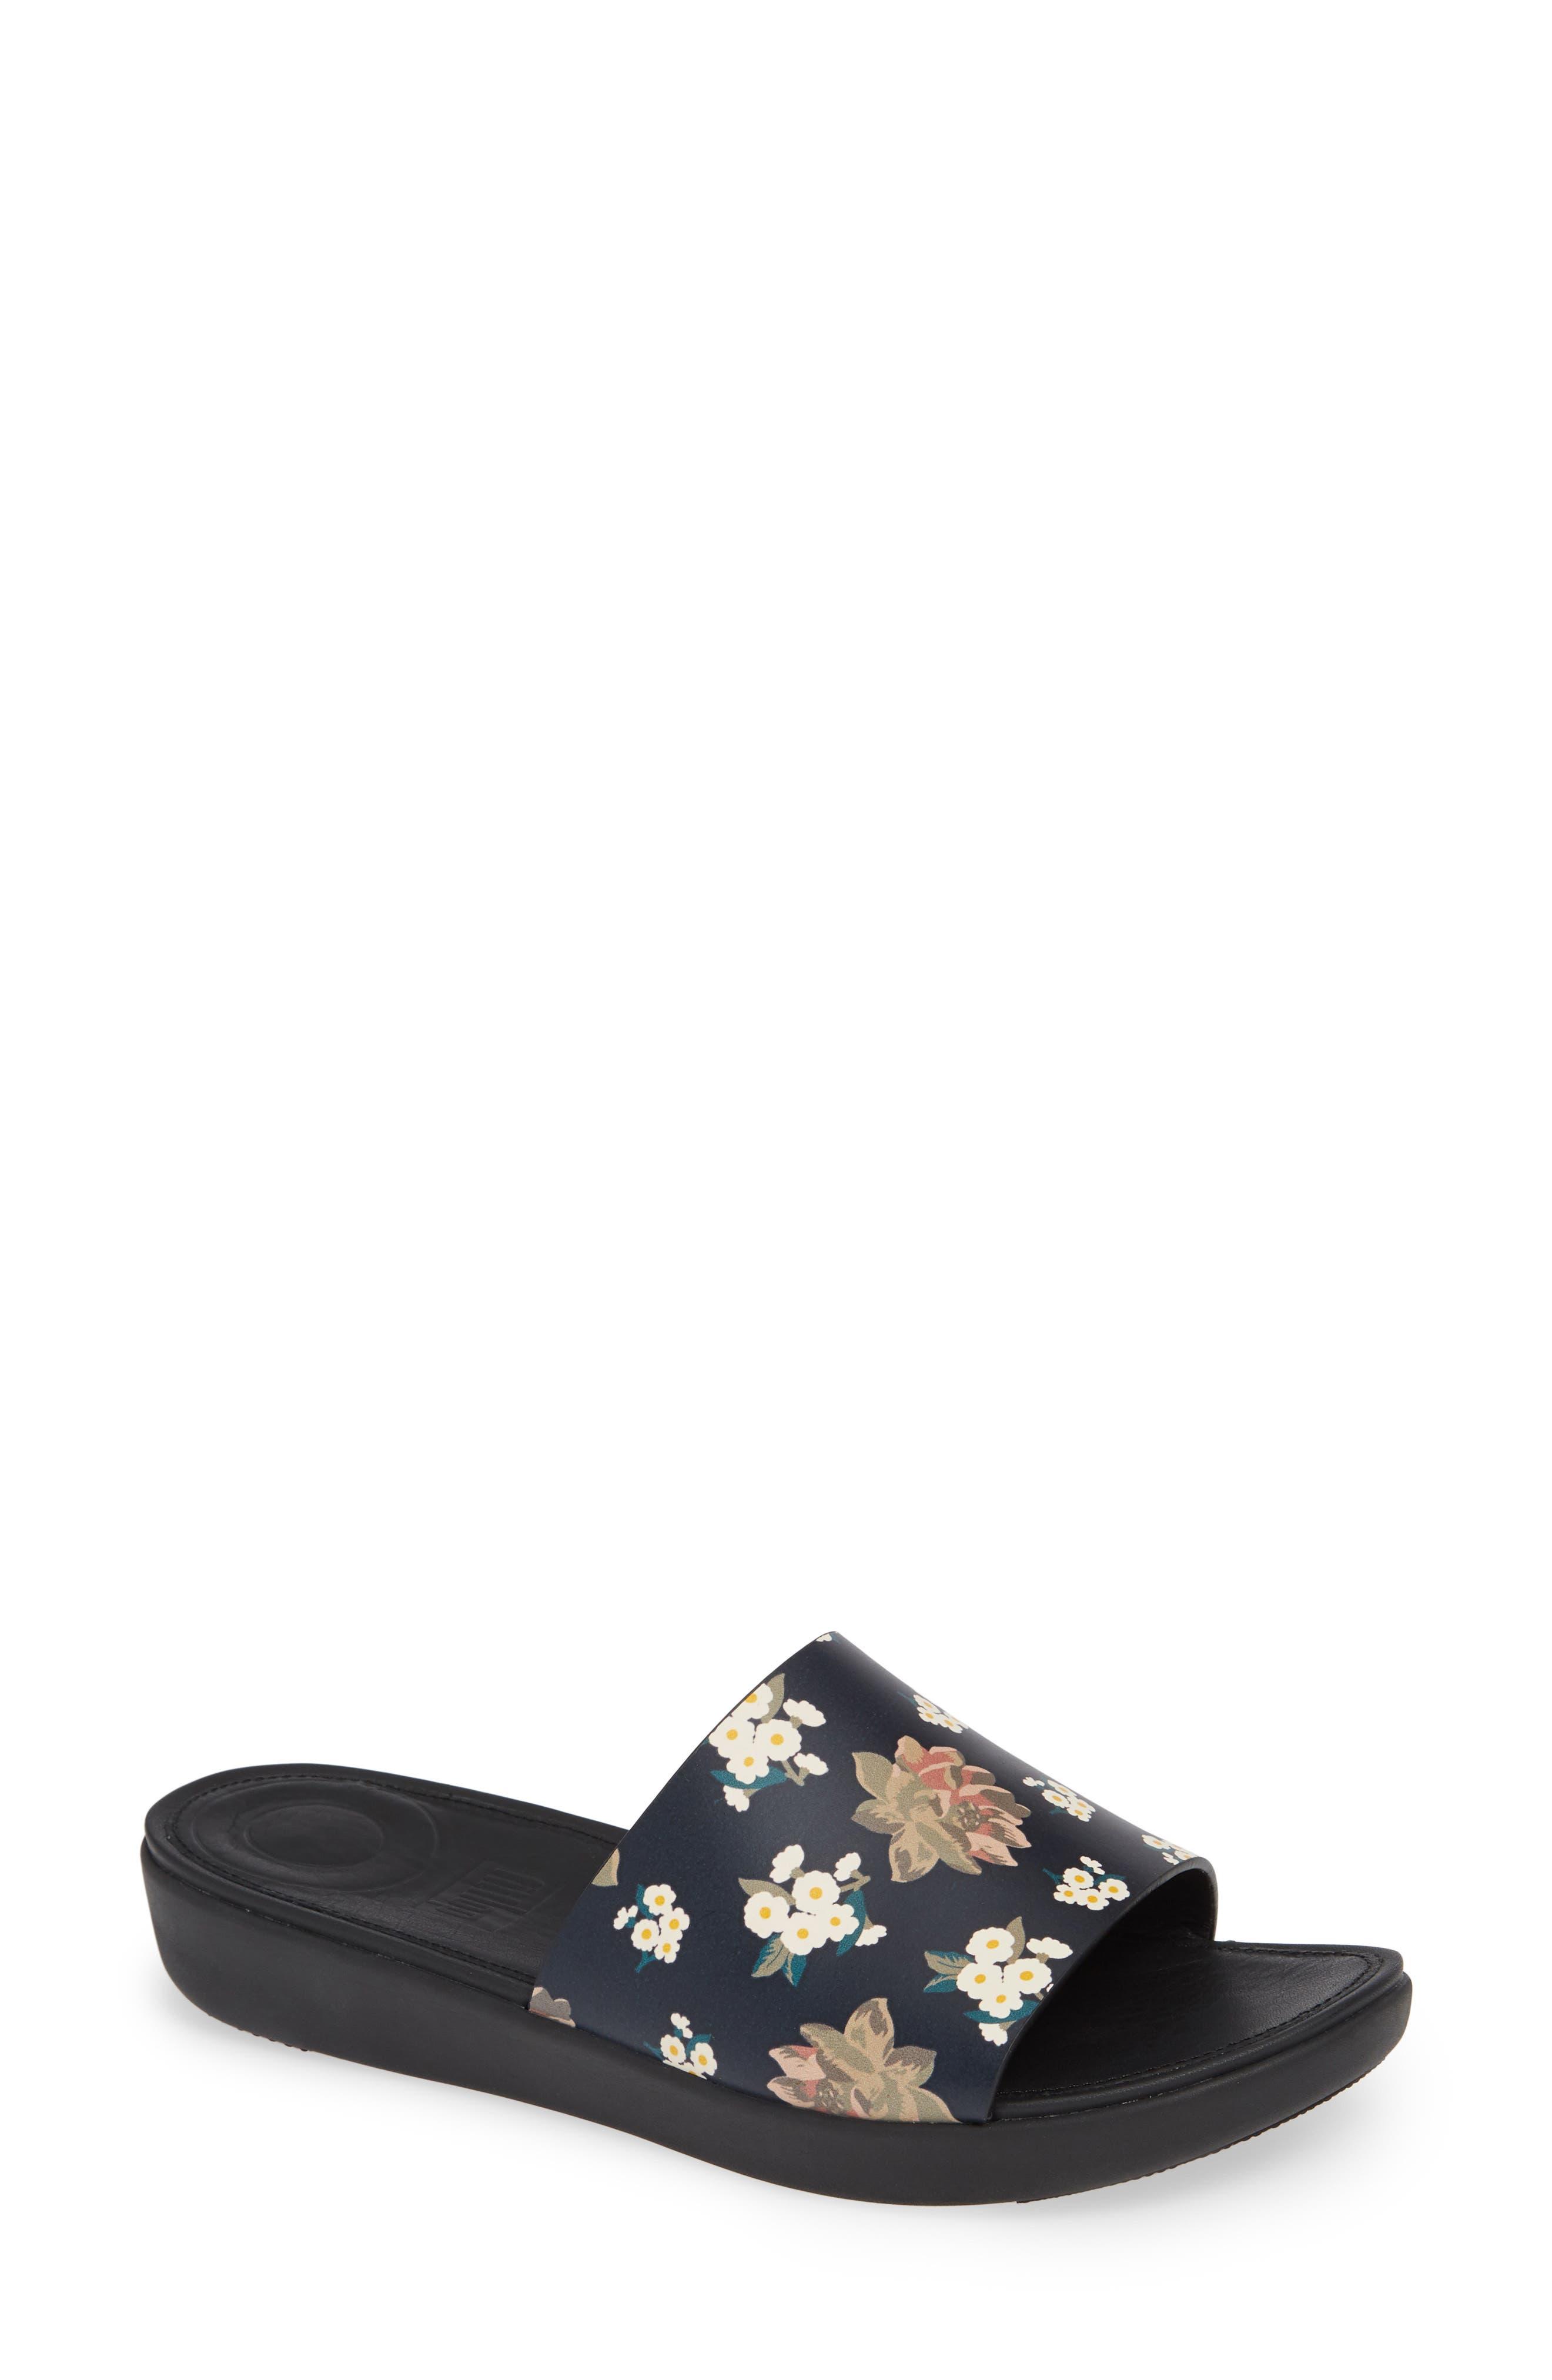 FITFLOP Sola Floral Slide Sandal, Main, color, 001